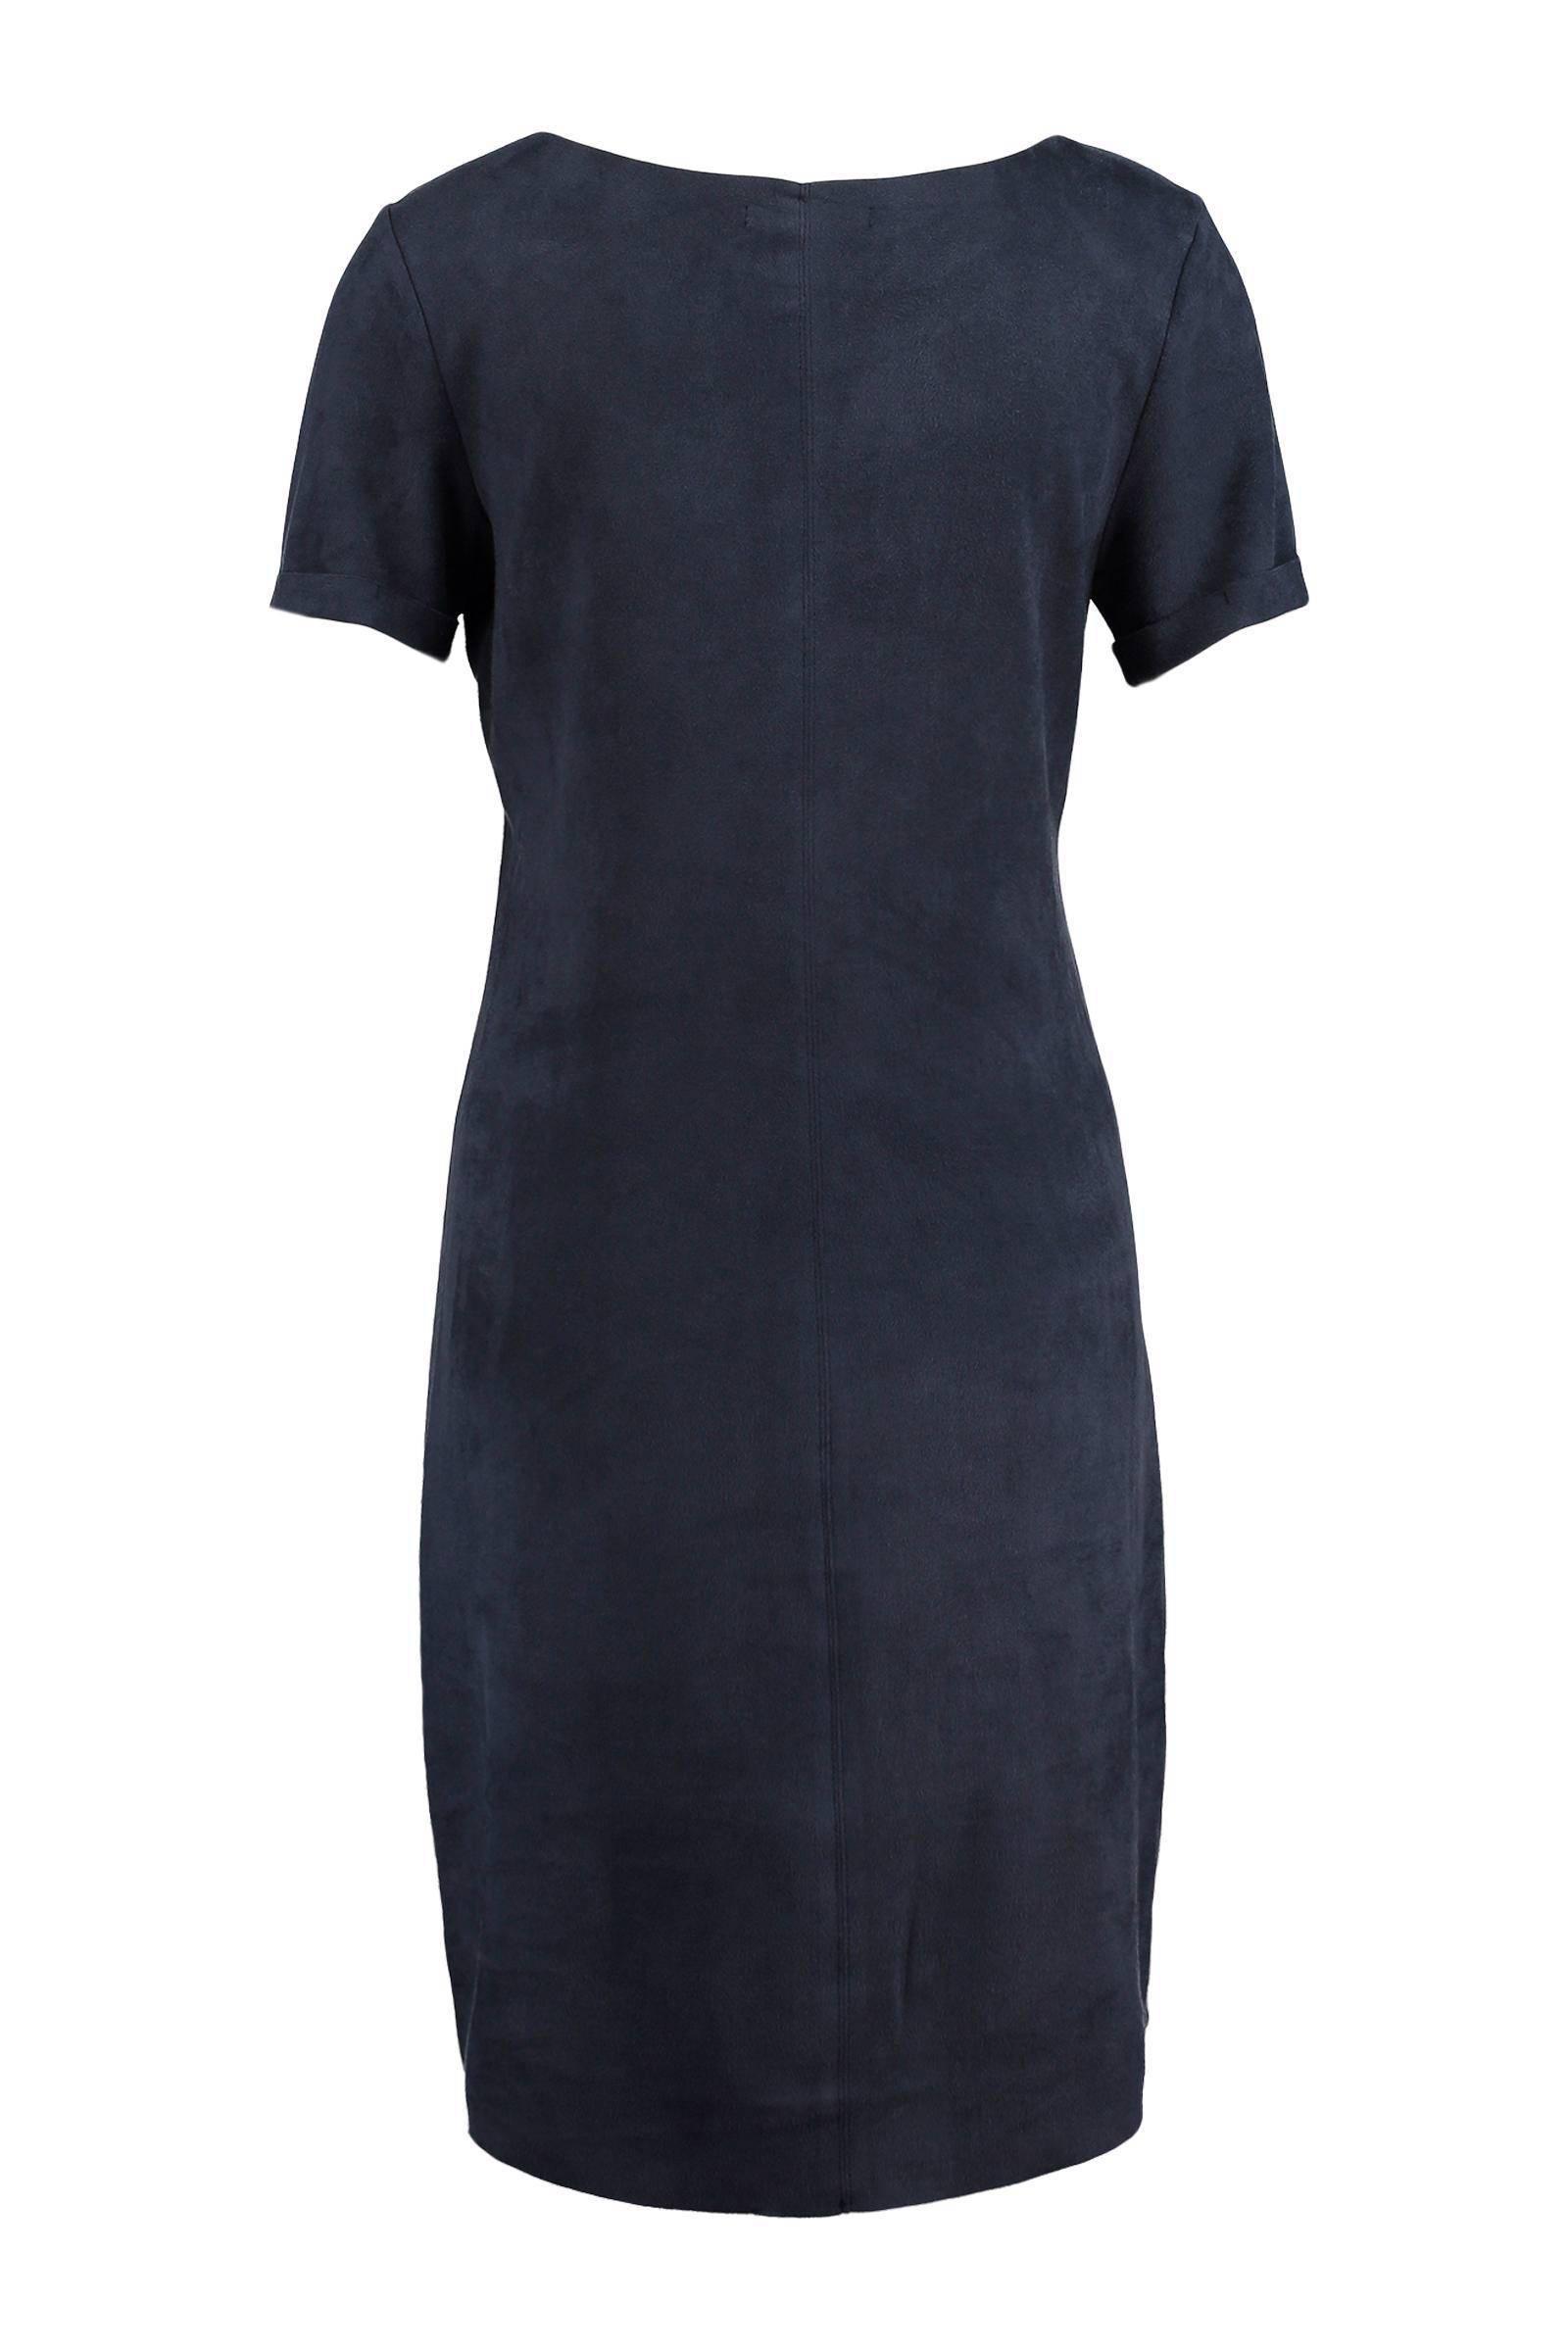 suede jurk donkerblauw